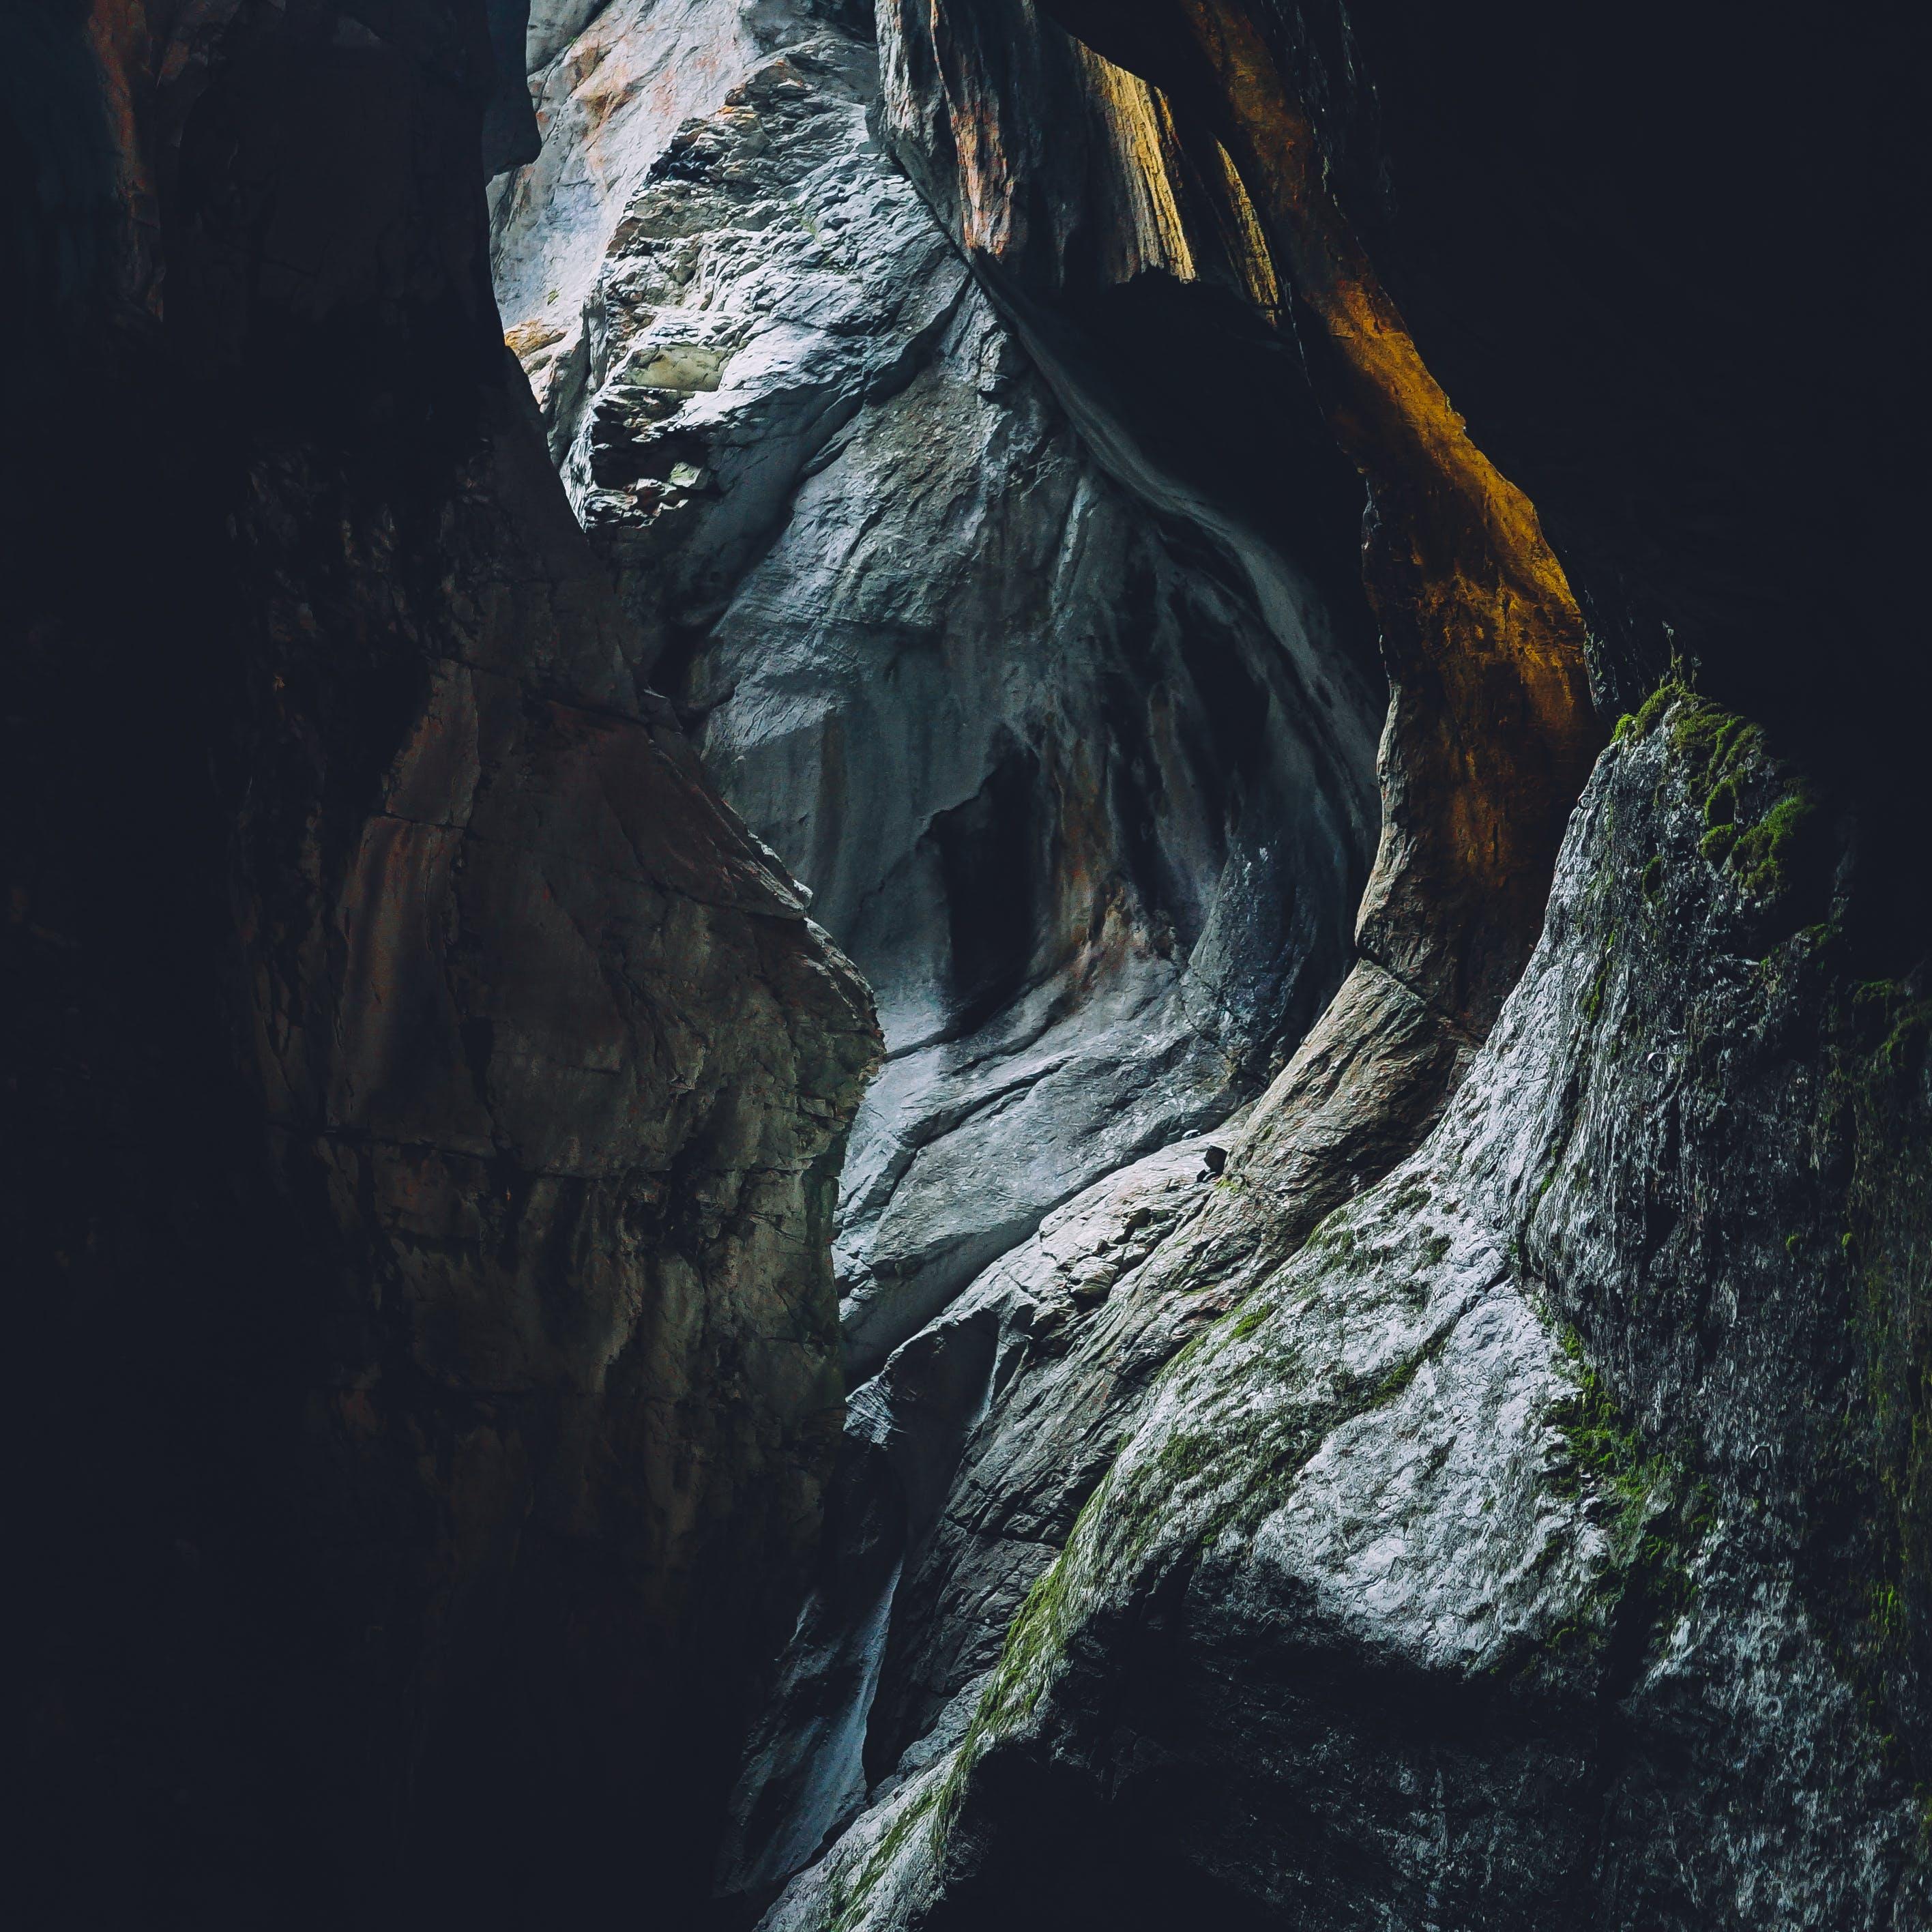 Gratis arkivbilde med dagslys, geologi, hule, miljø